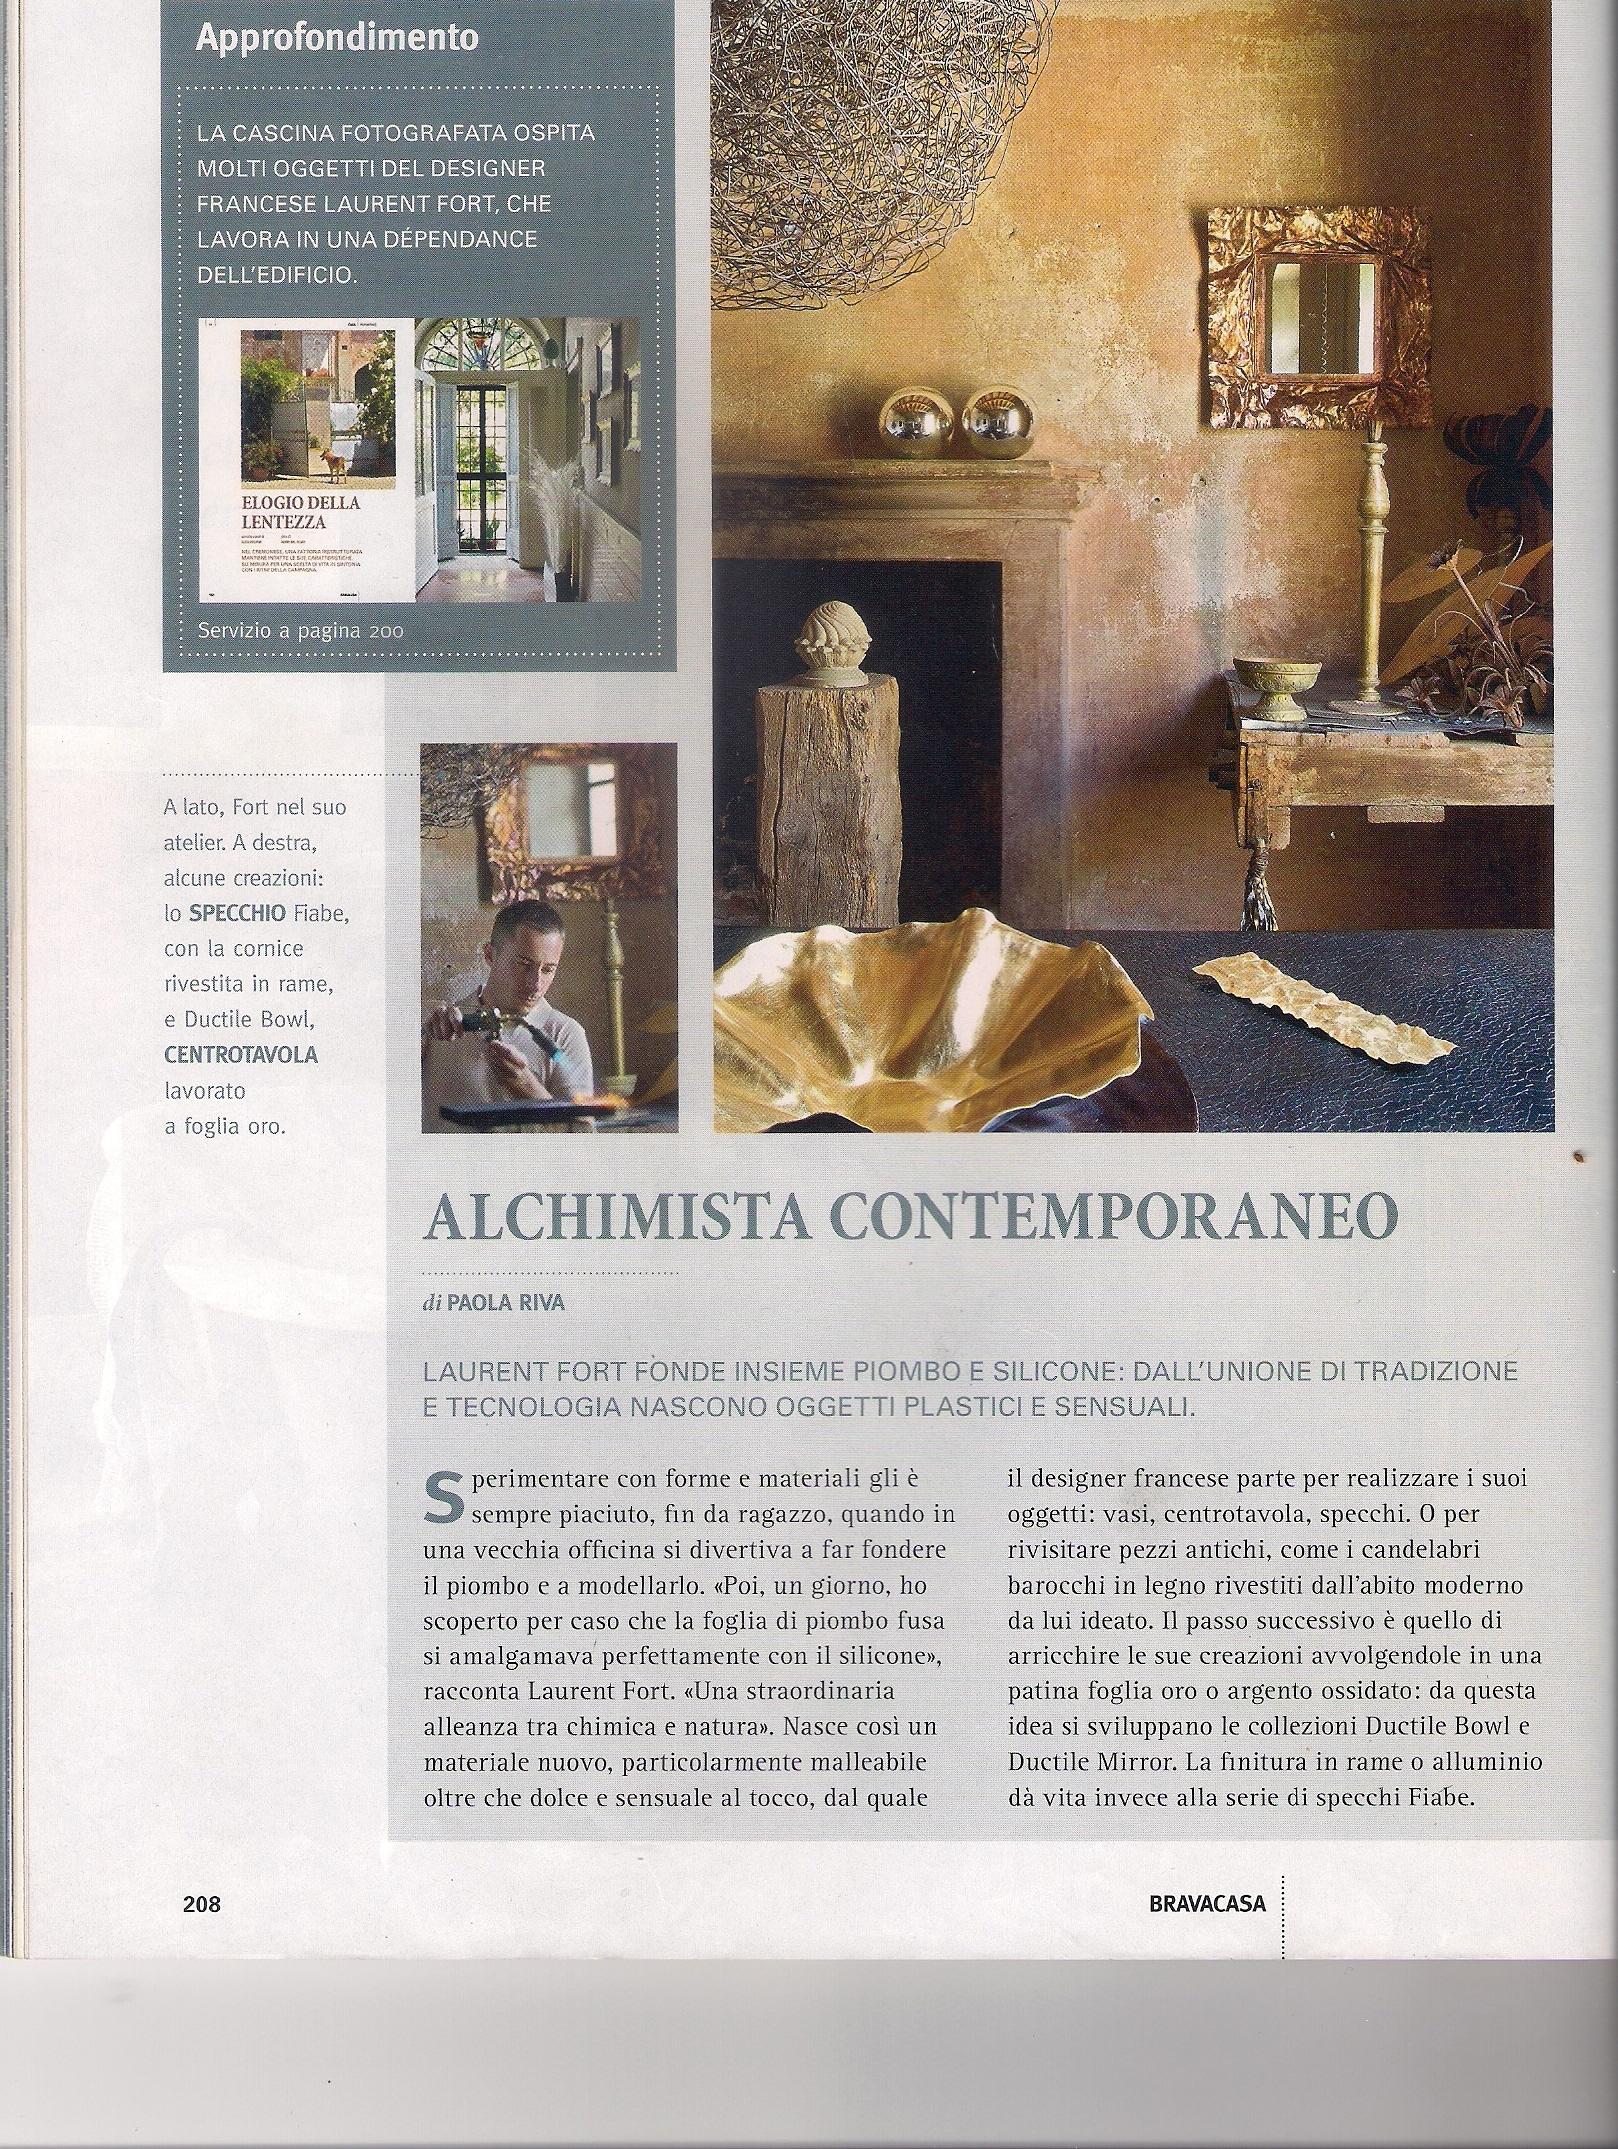 brava+casa+maggio+2011+(9).jpg